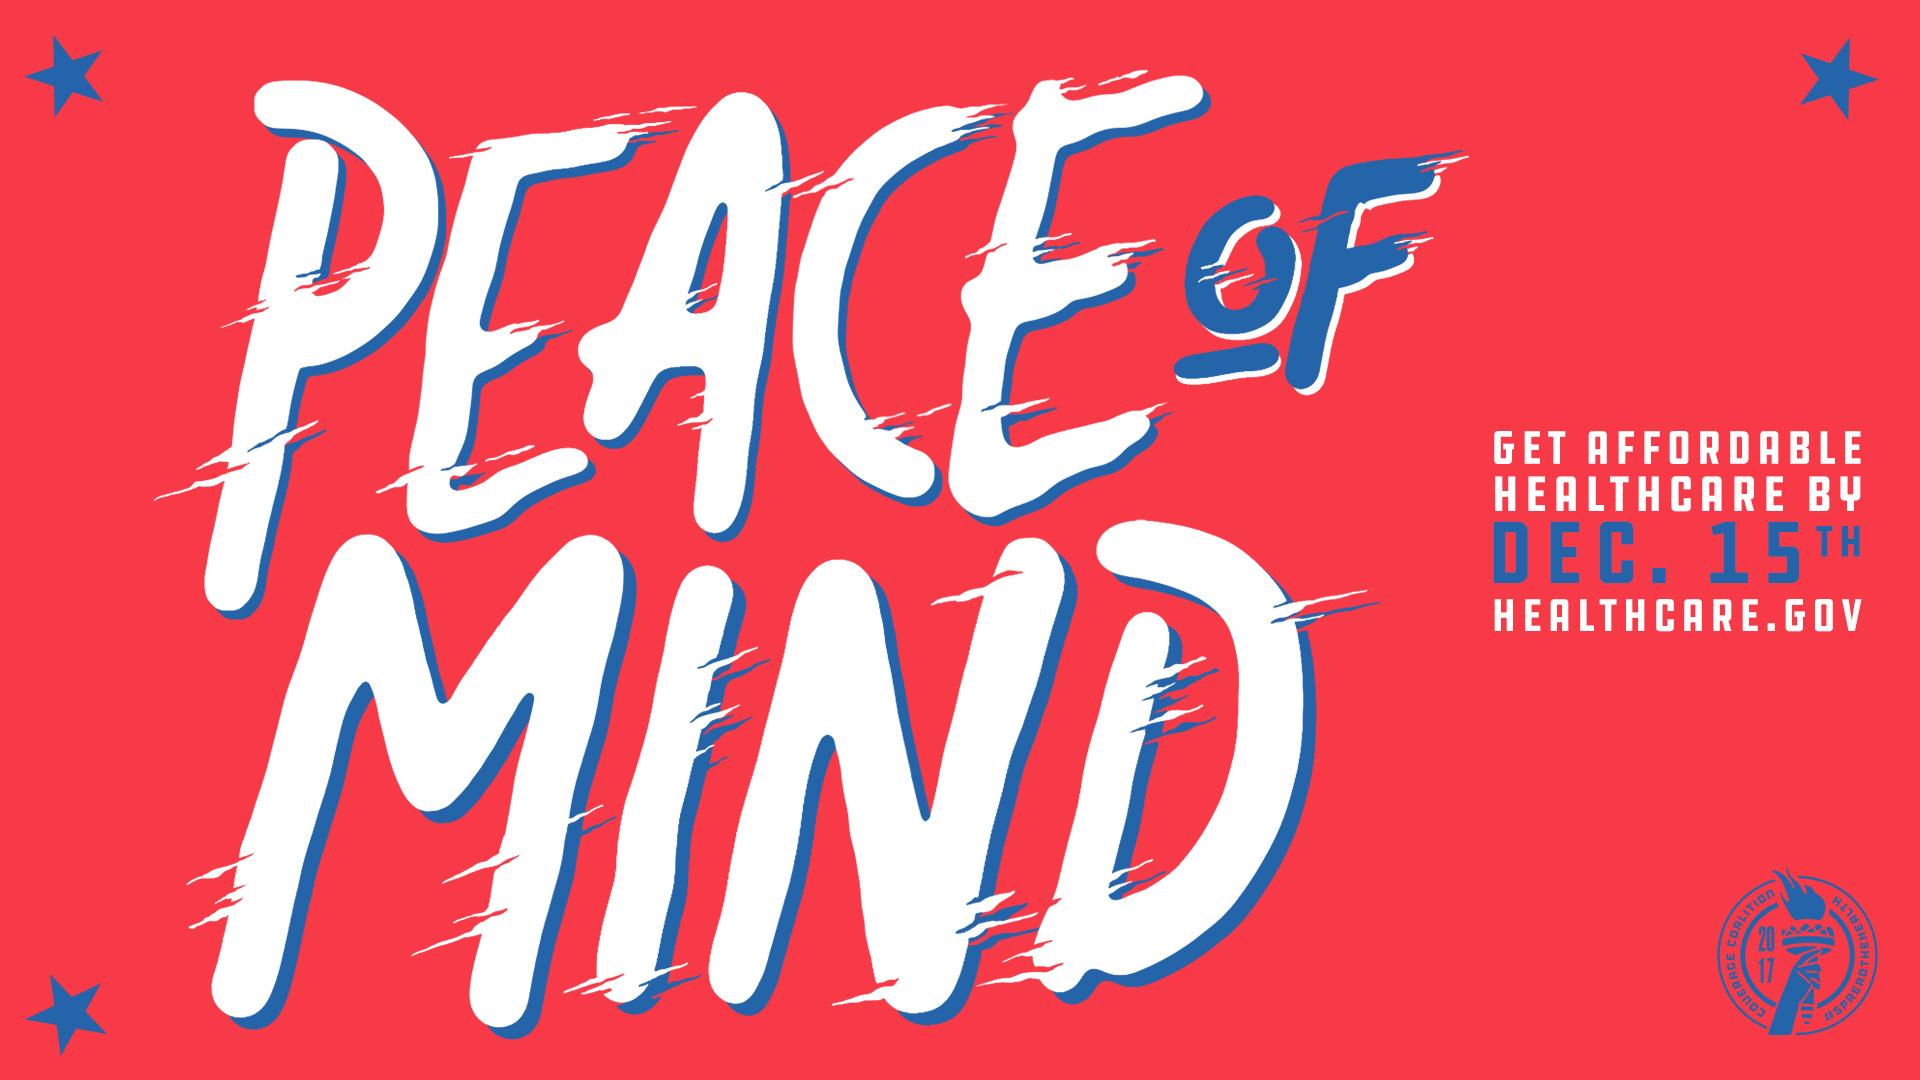 Peaceofmind.jpg